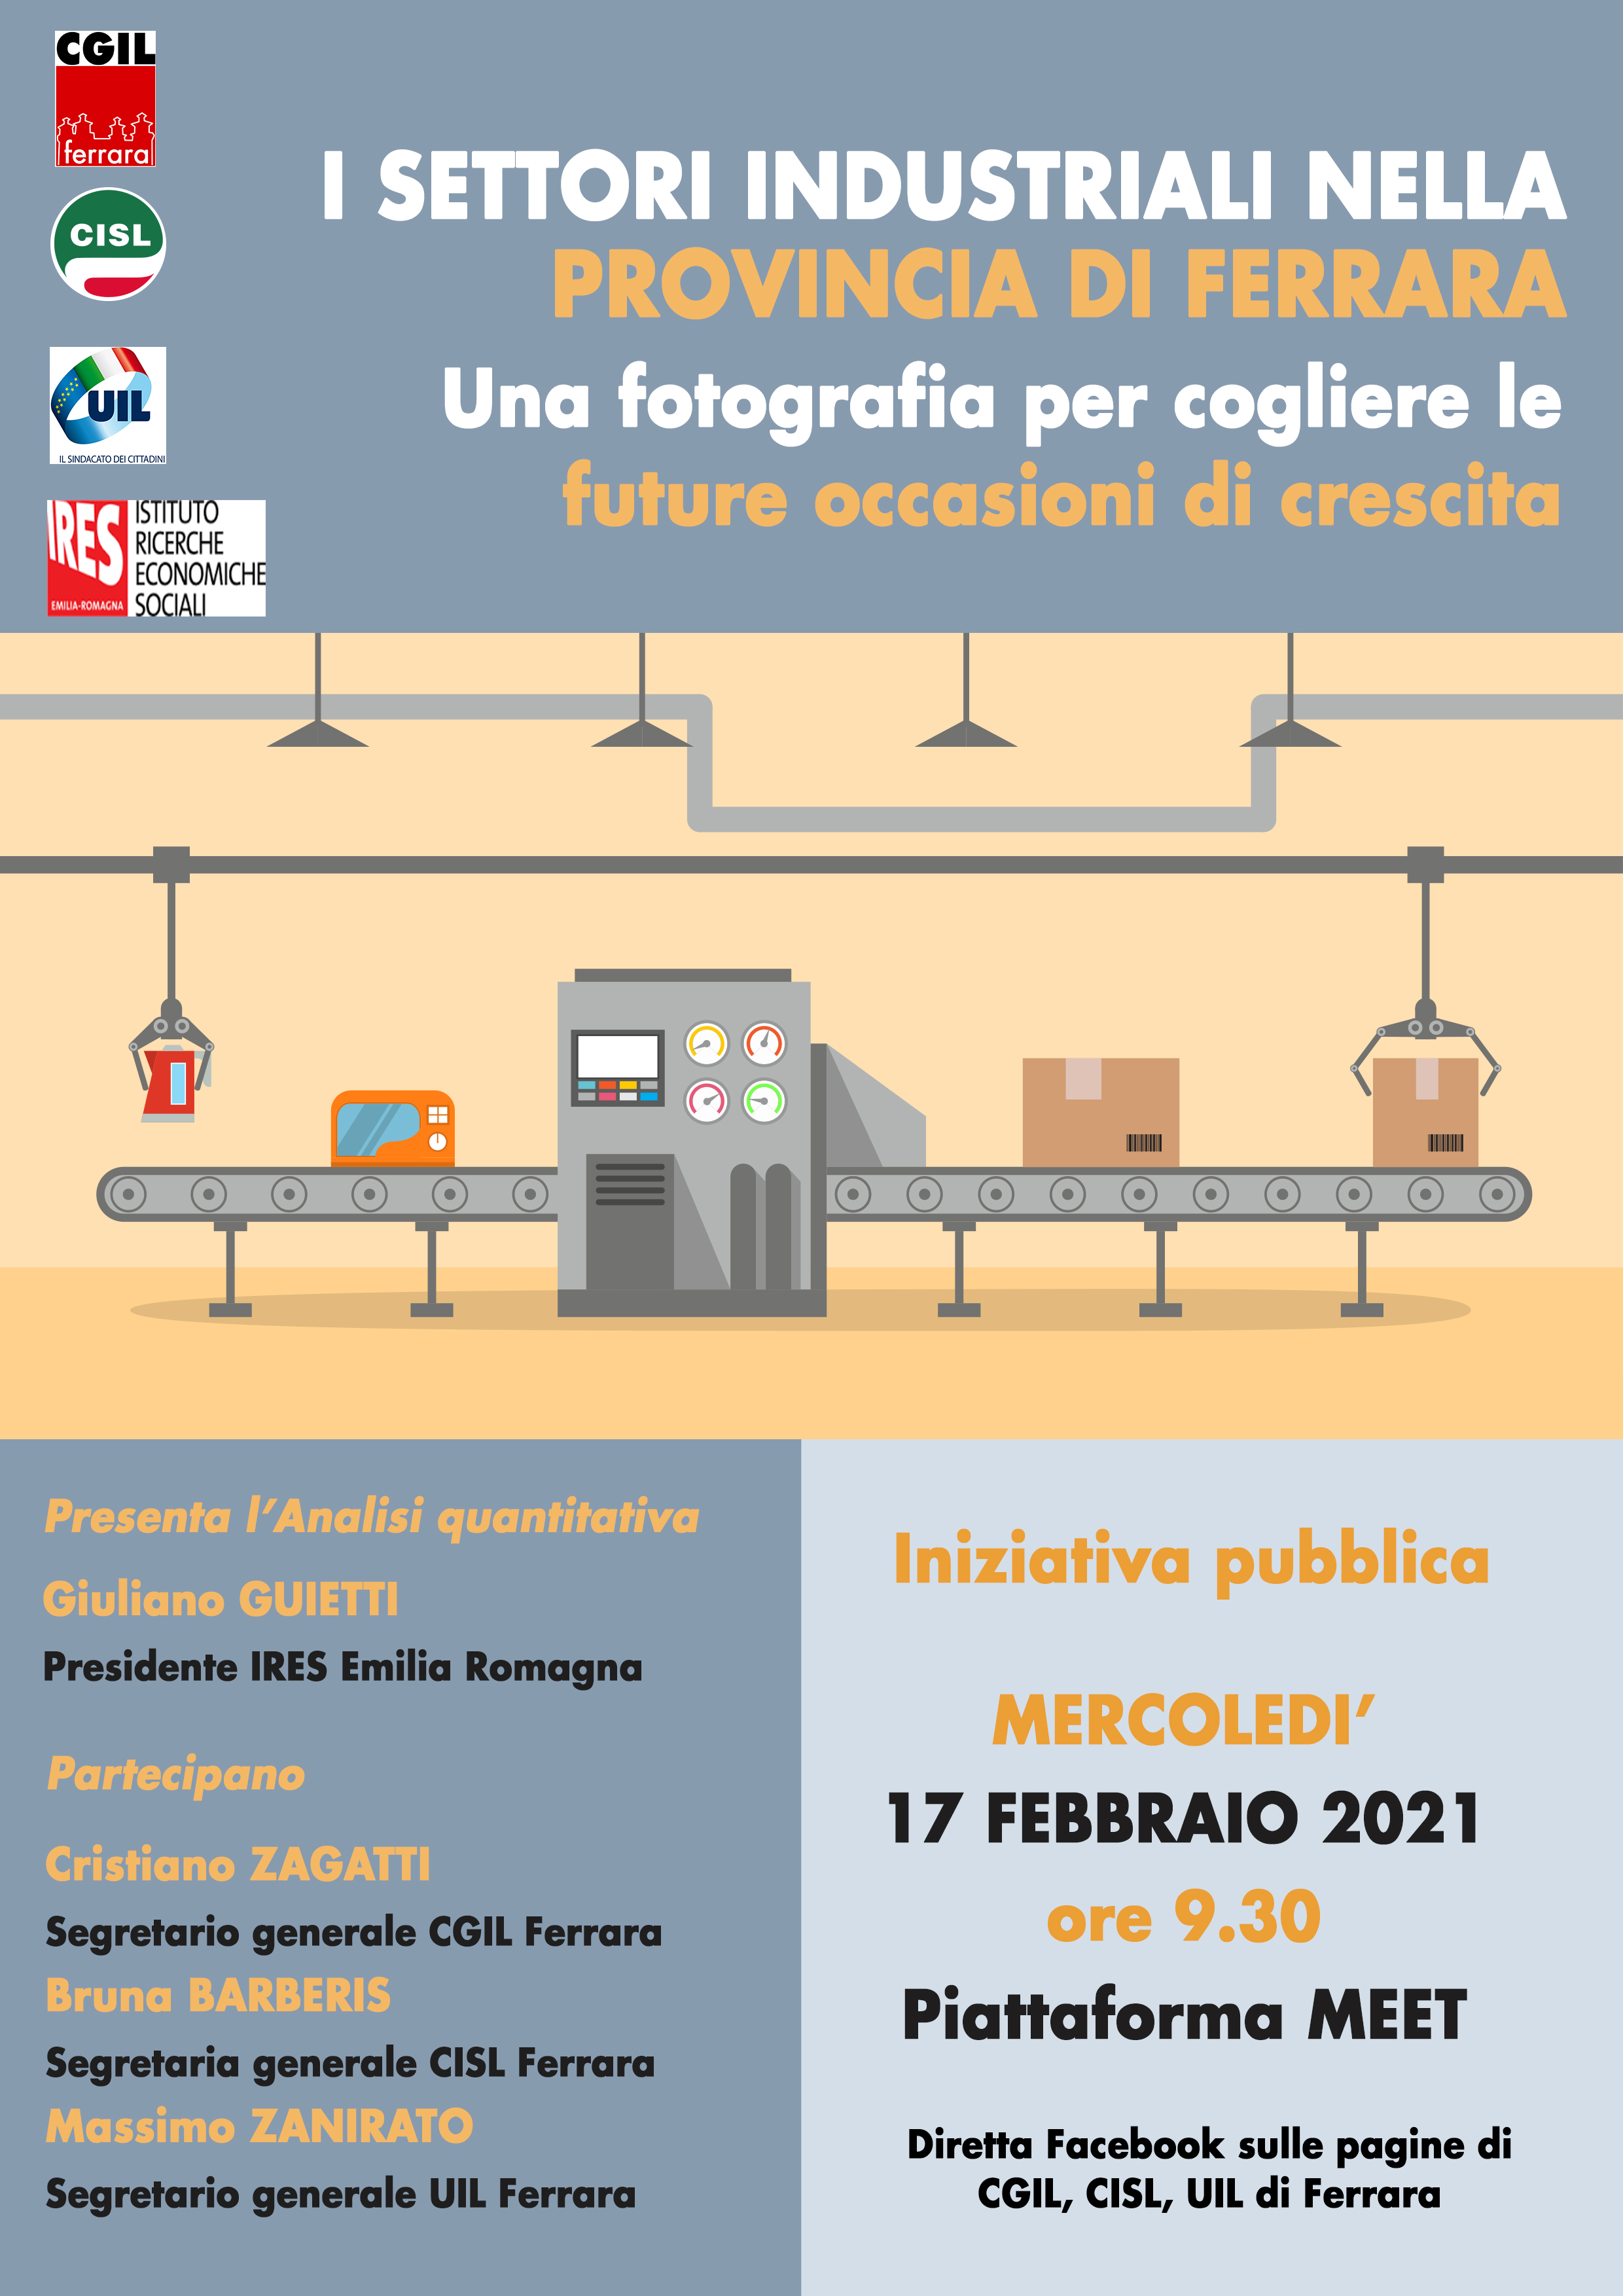 I settori industriali nella provincia di Ferrara. Iniziativa pubblica